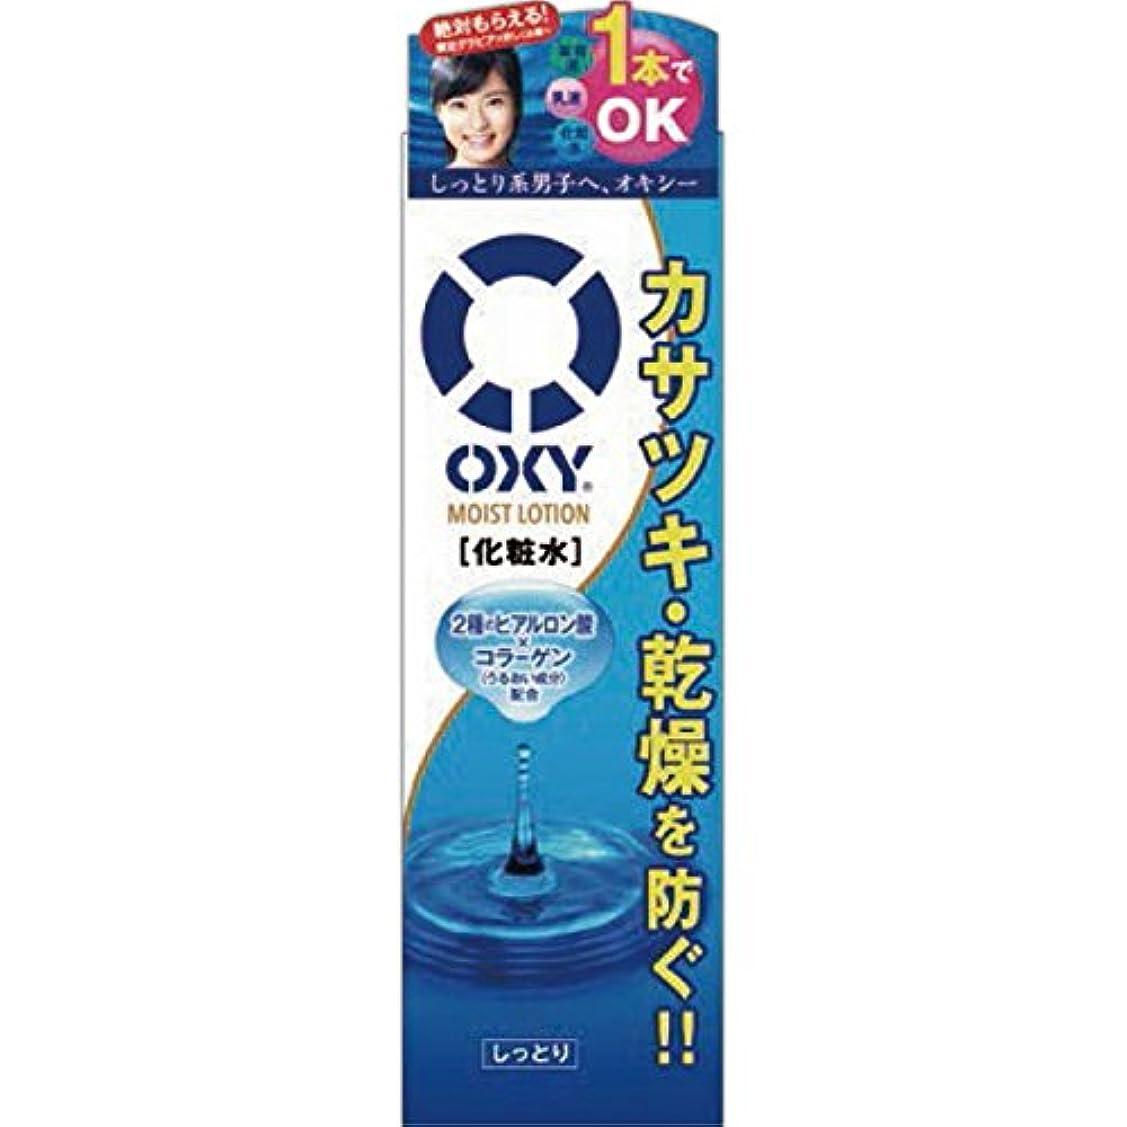 花婿マニアック寛大なオキシー (Oxy) モイストローション オールインワン化粧水 2種のヒアルロン酸×コラーゲン配合 ゼラニウムの香 170mL